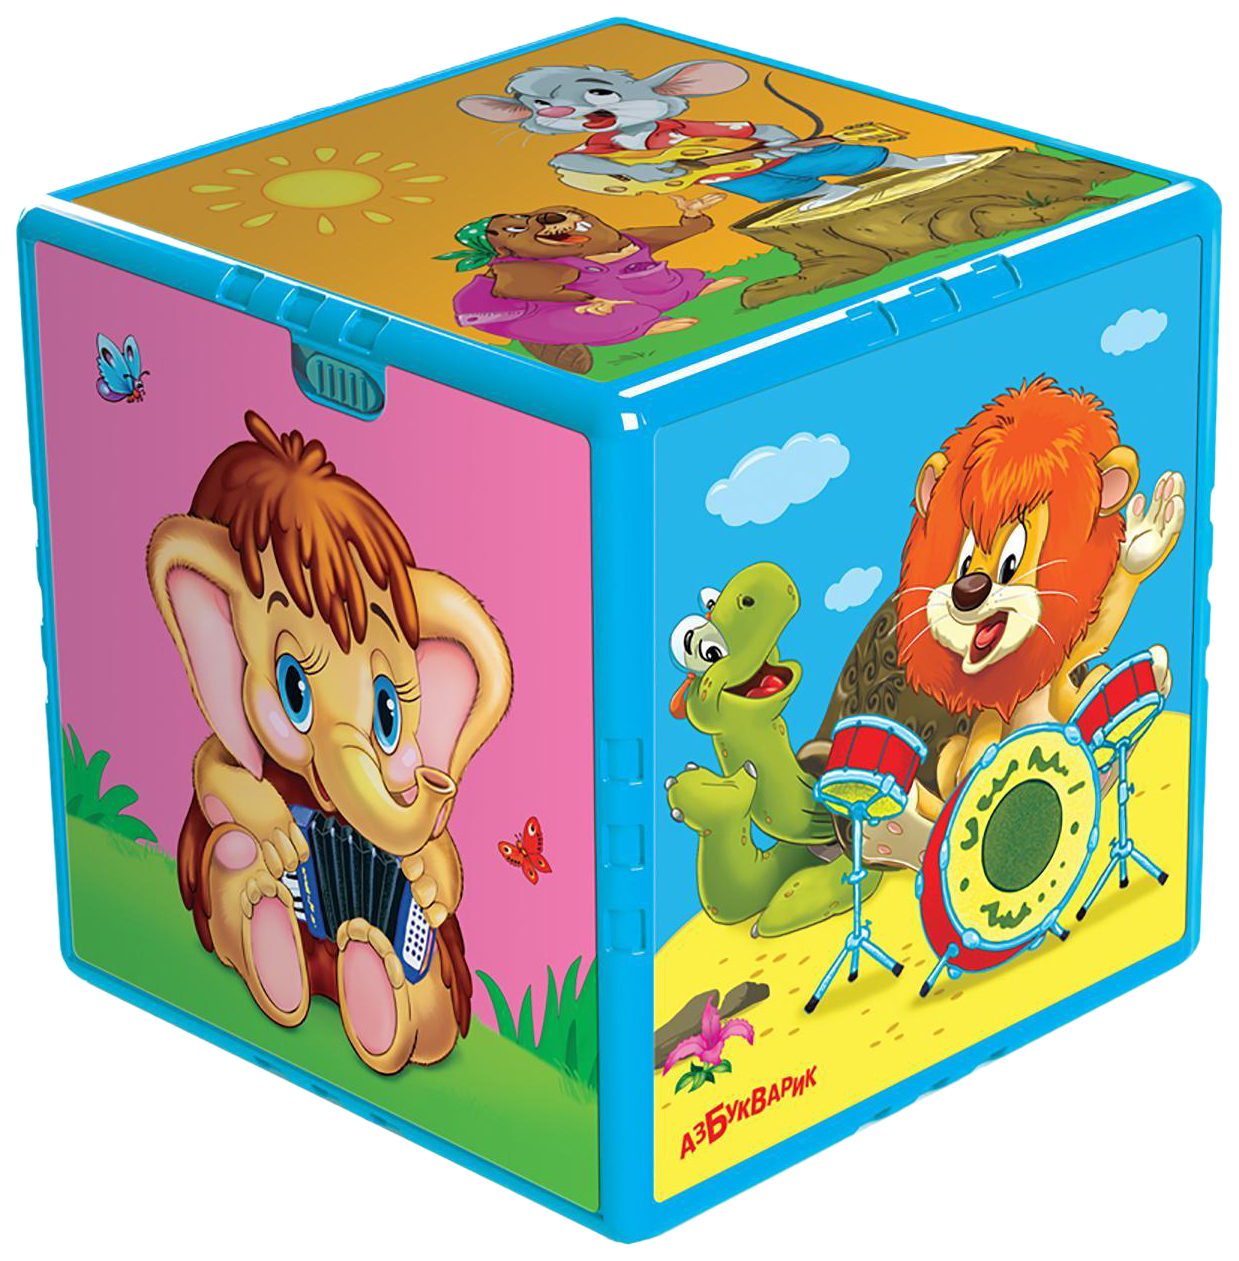 Развивающая игрушка Азбукварик Говорящий кубик Любимые мультяшки 202-2